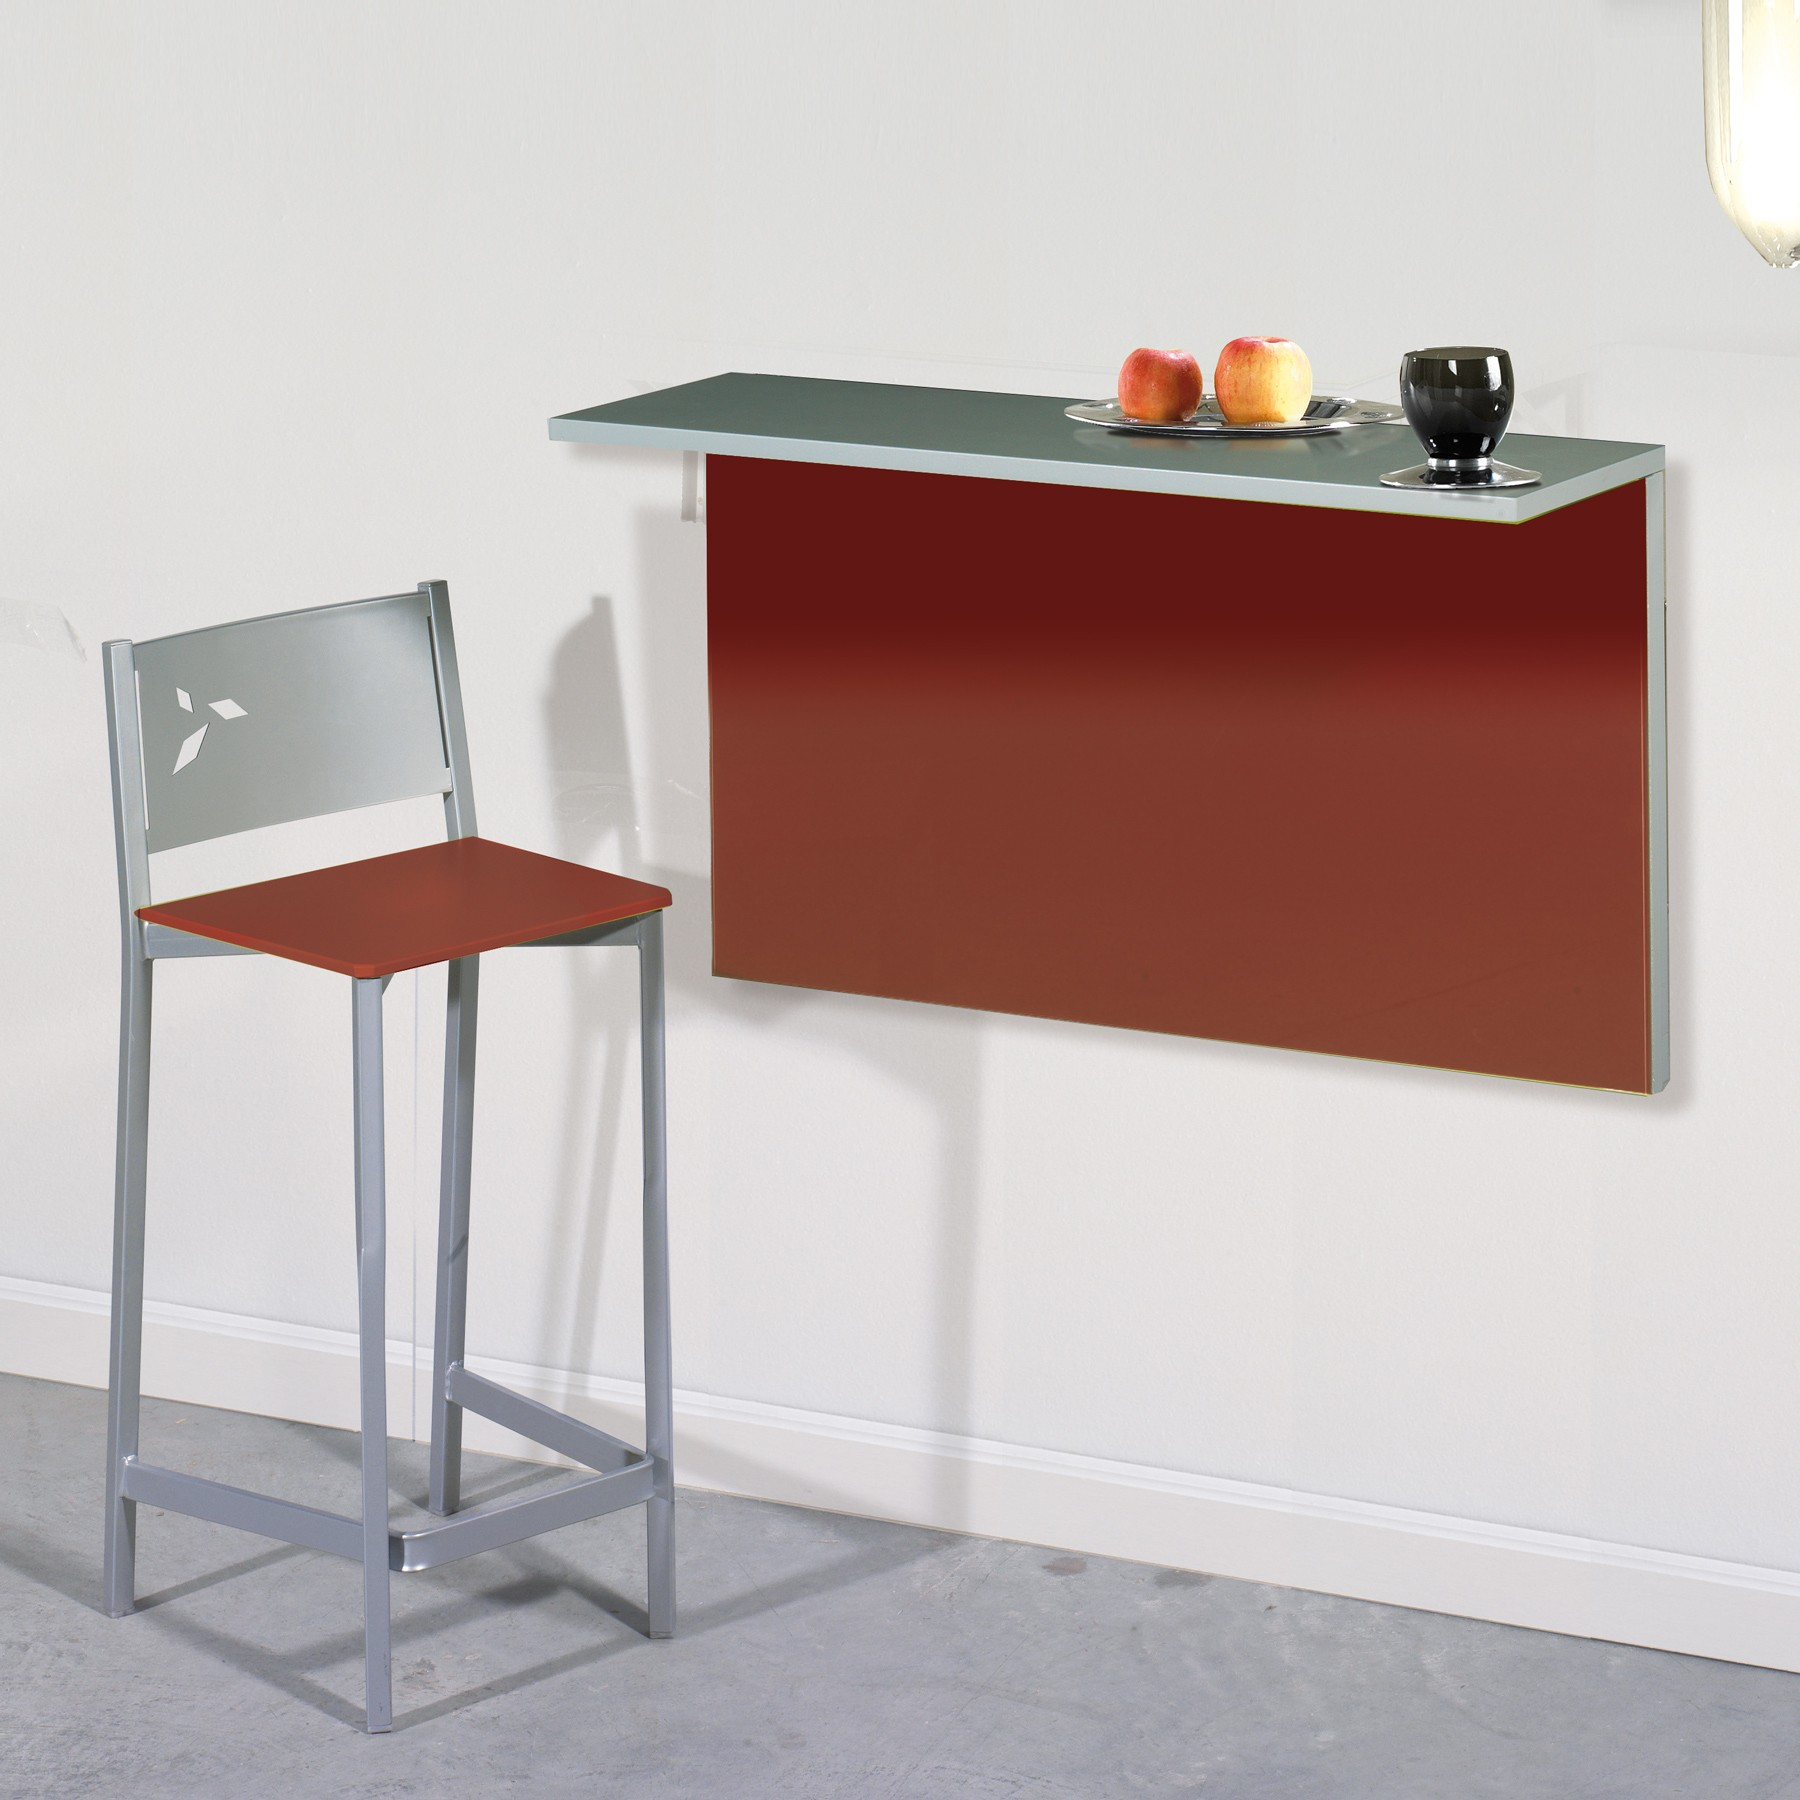 Mesa de cocina plegable de pared con 2 posiciones dkg - Mesa alta cocina ...